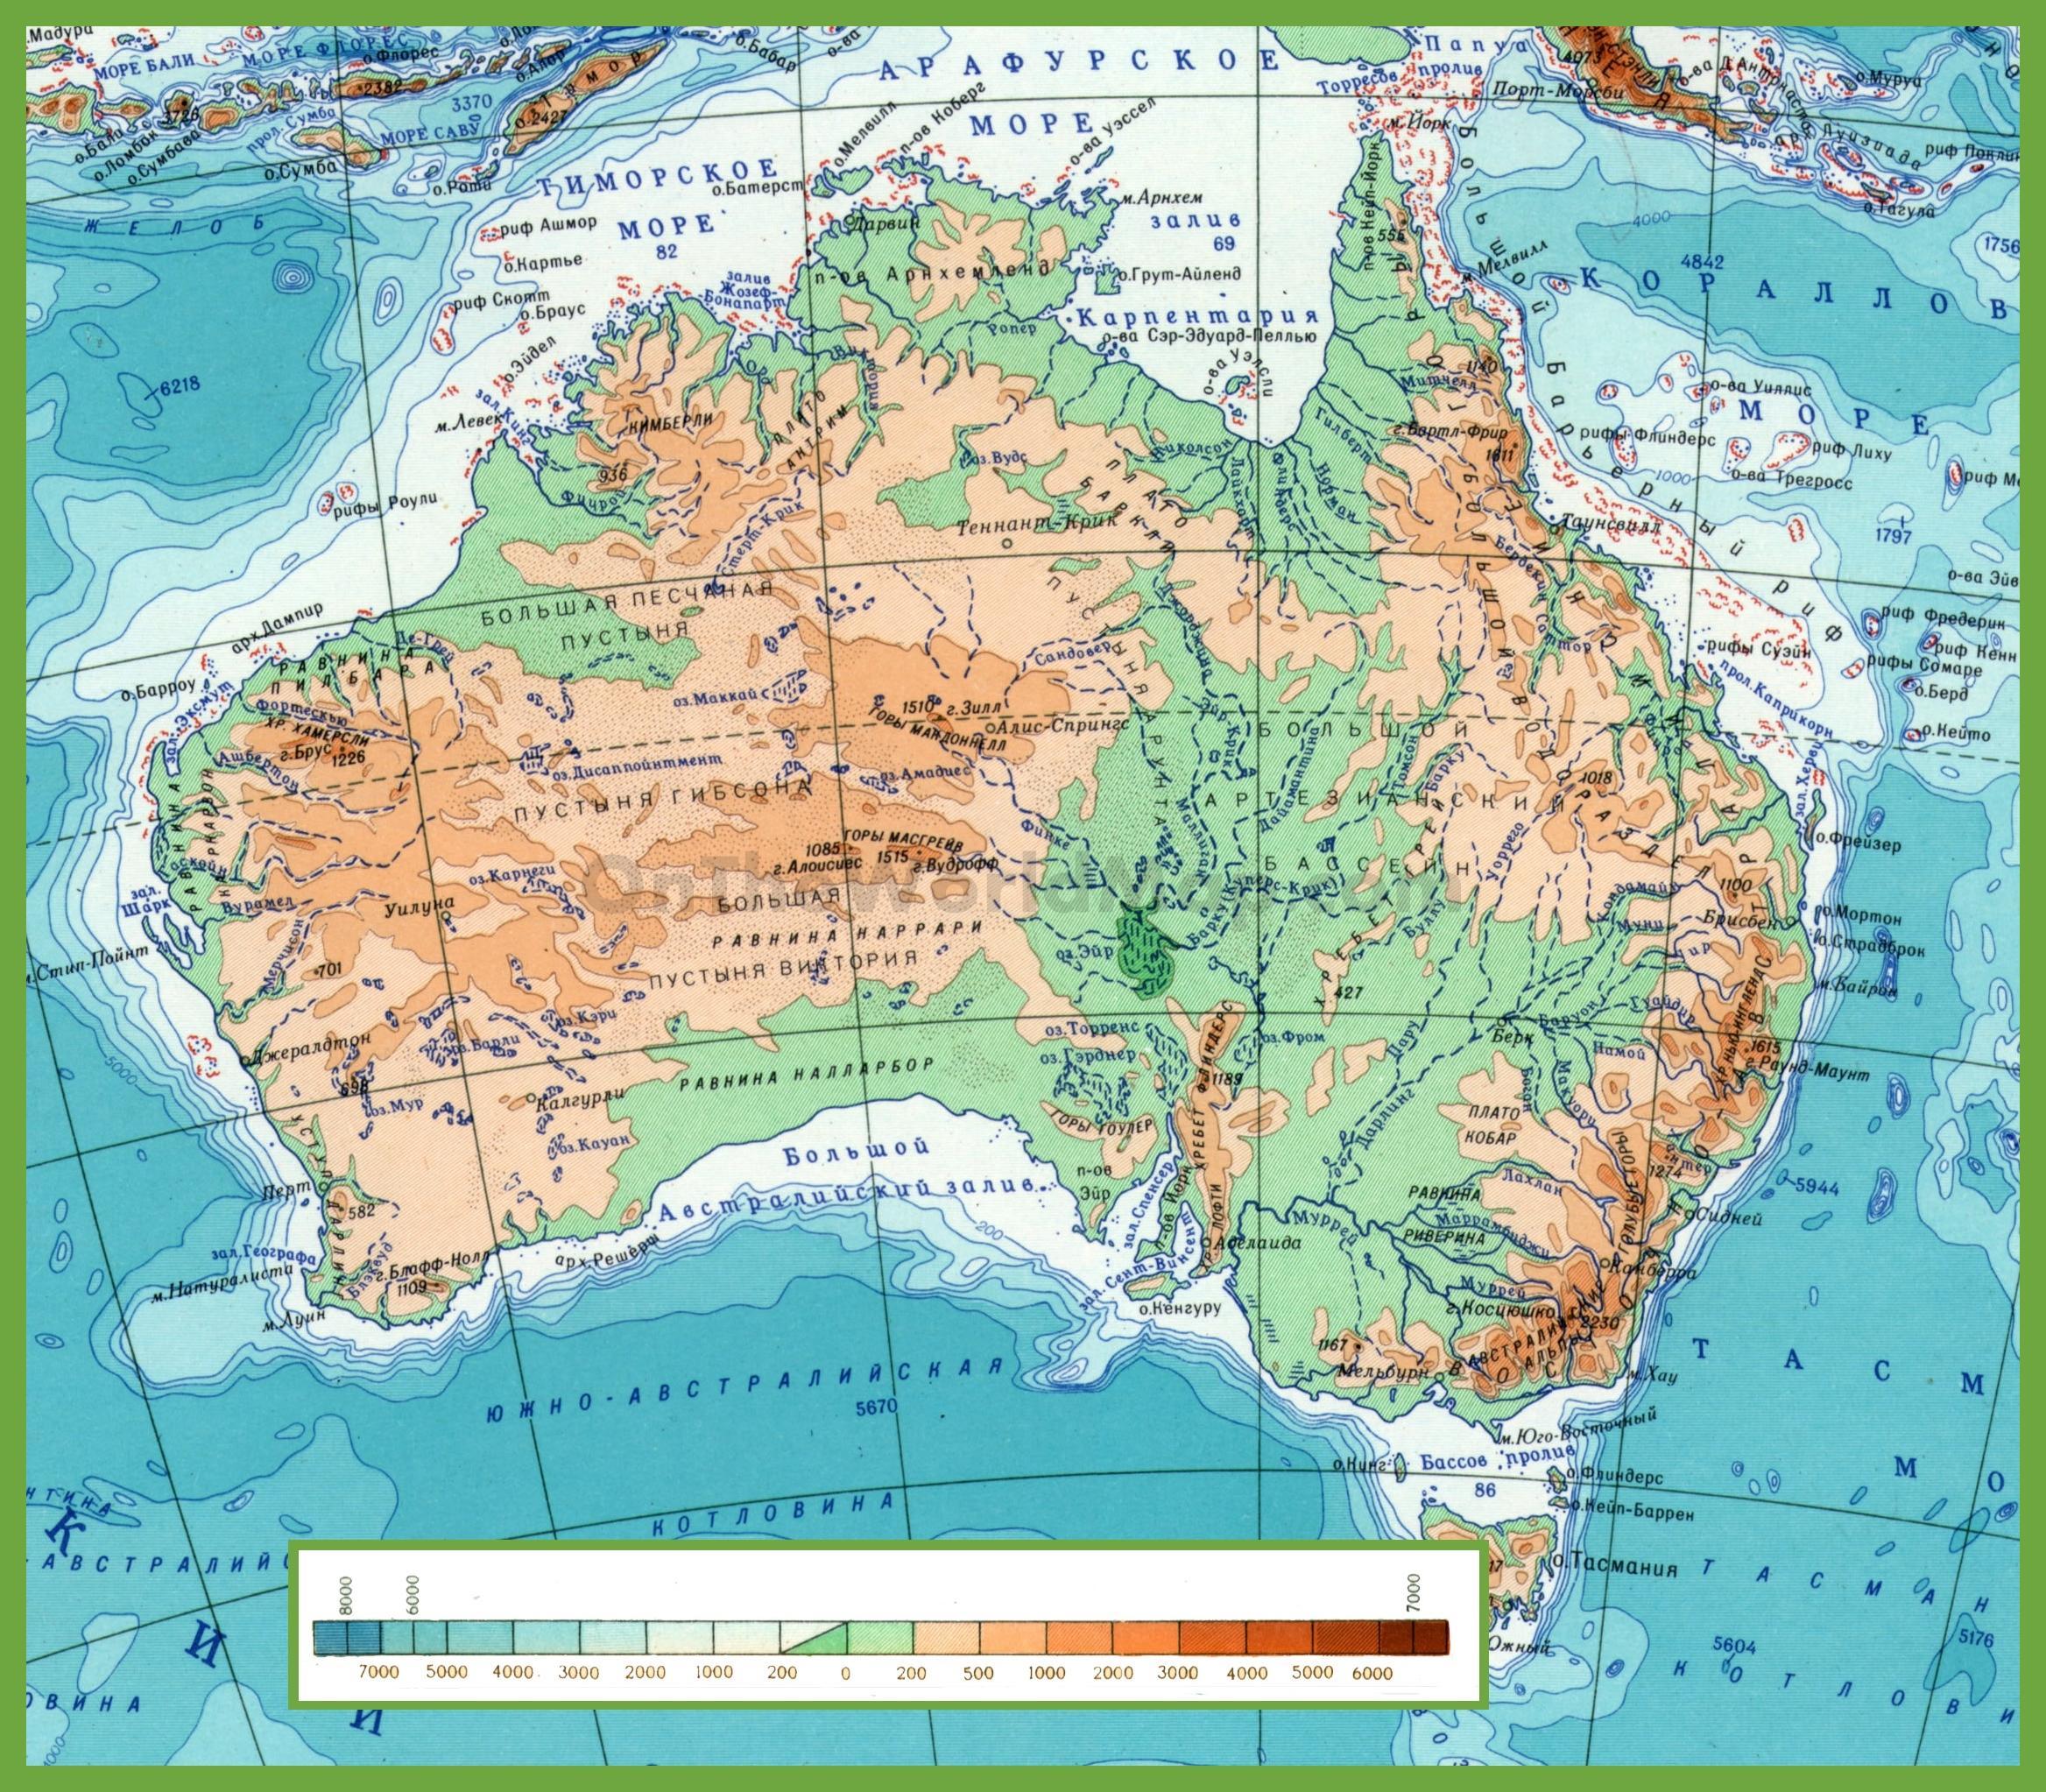 Carte Australie Montagnes.Montagnes En Australie Carte Carte De L Australie Avec Des